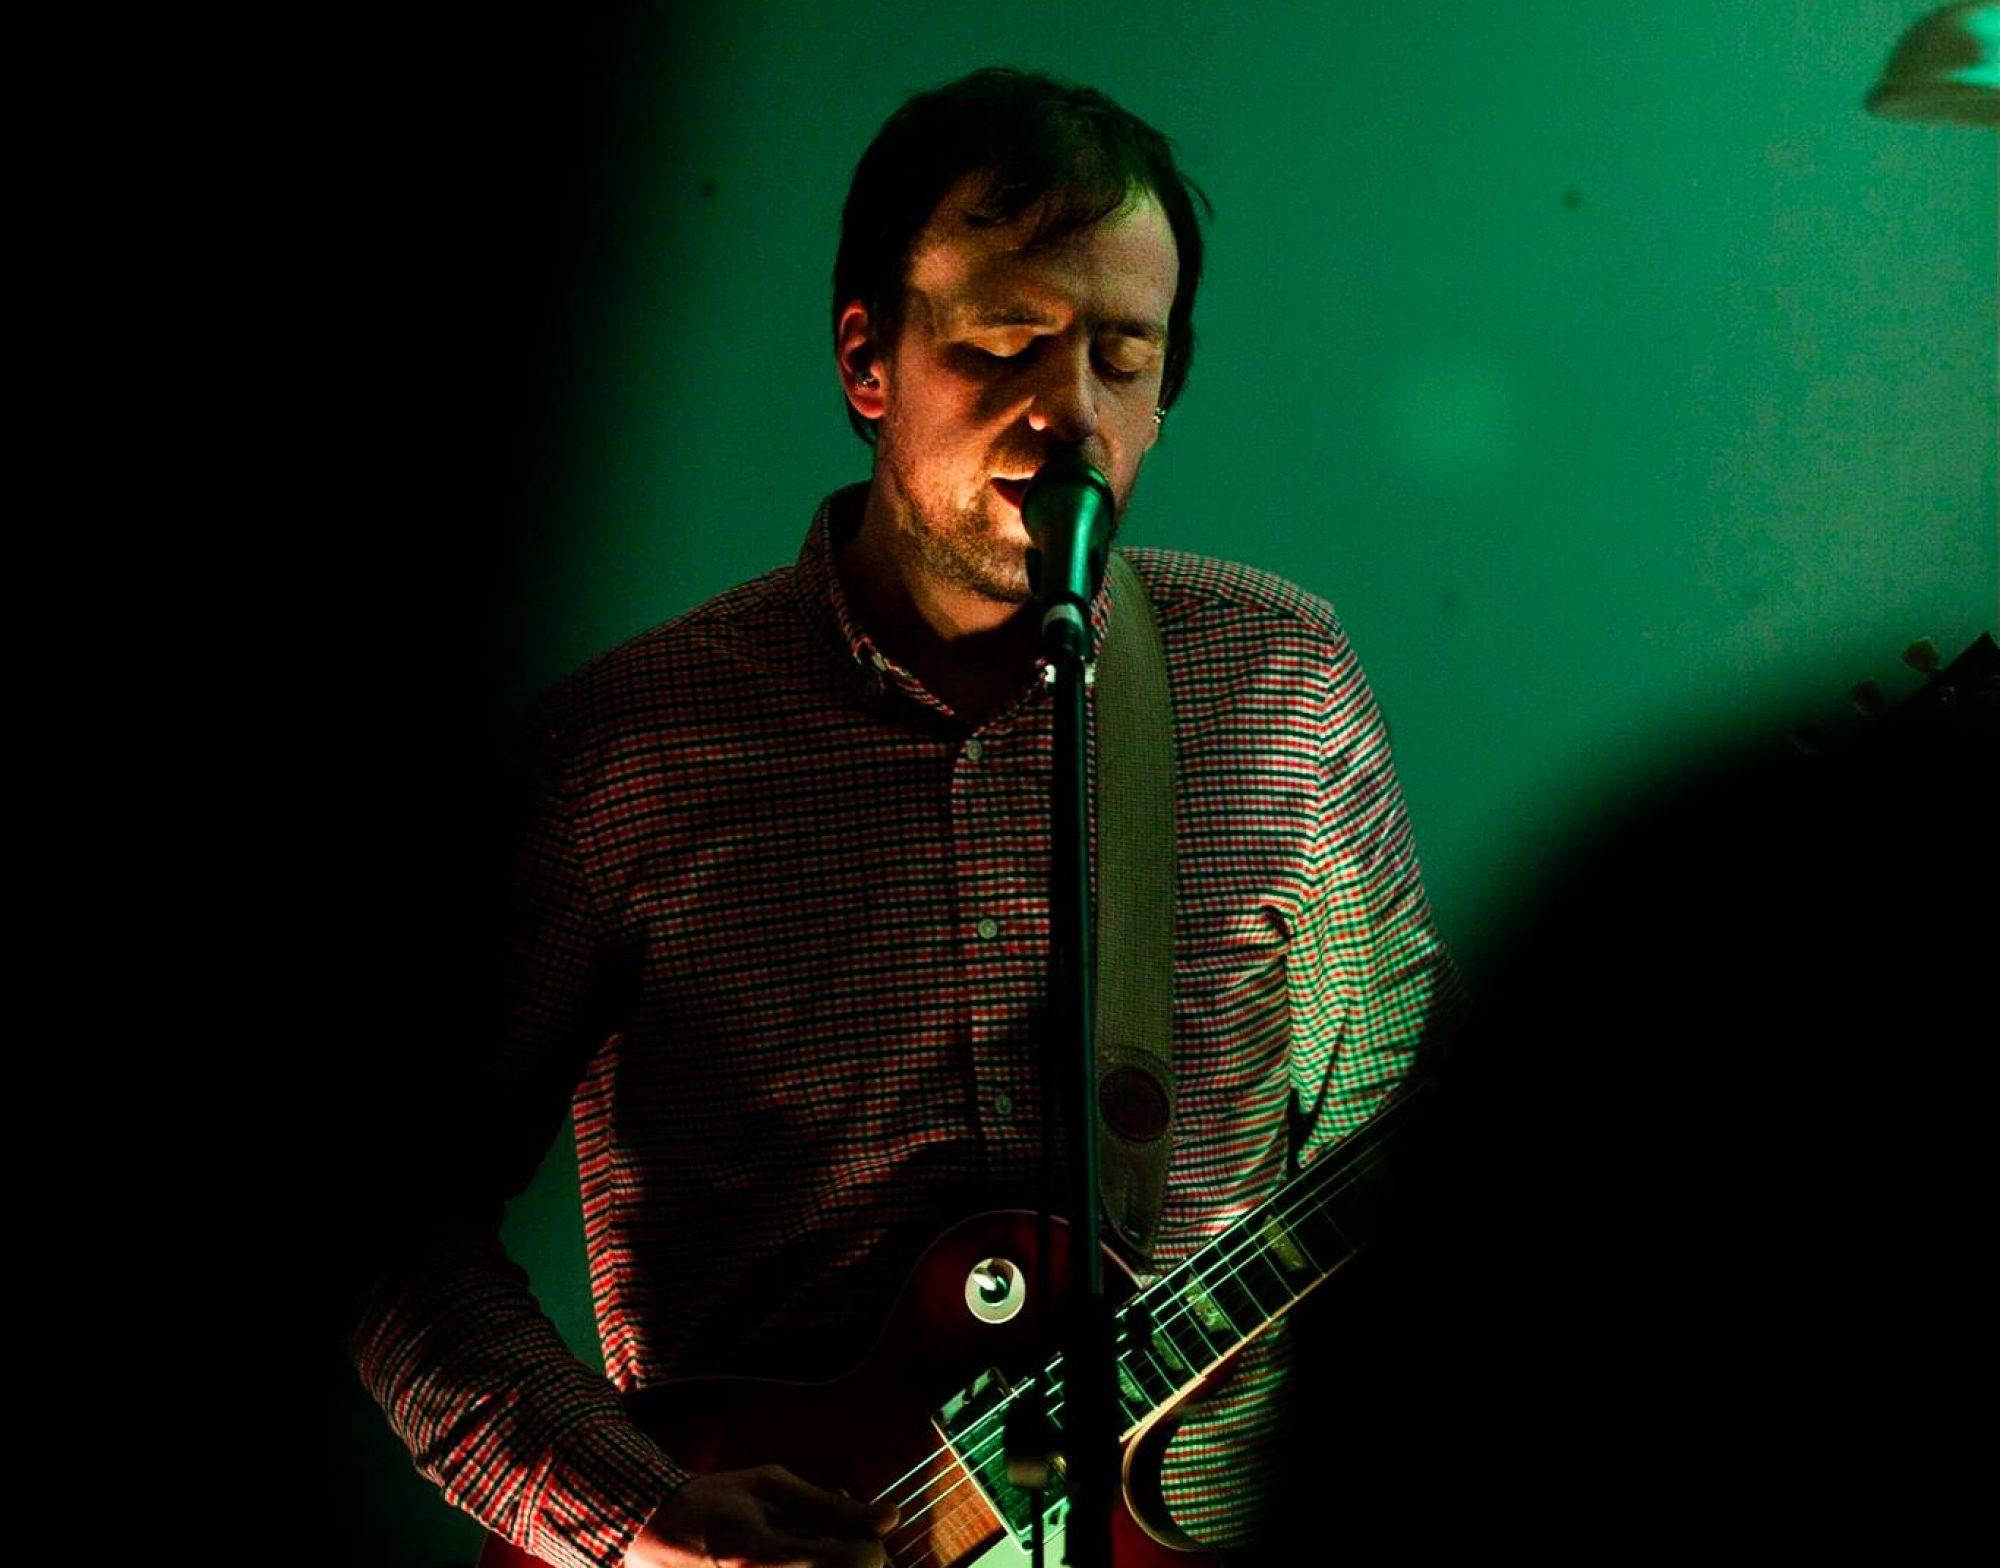 Dave Elwyn